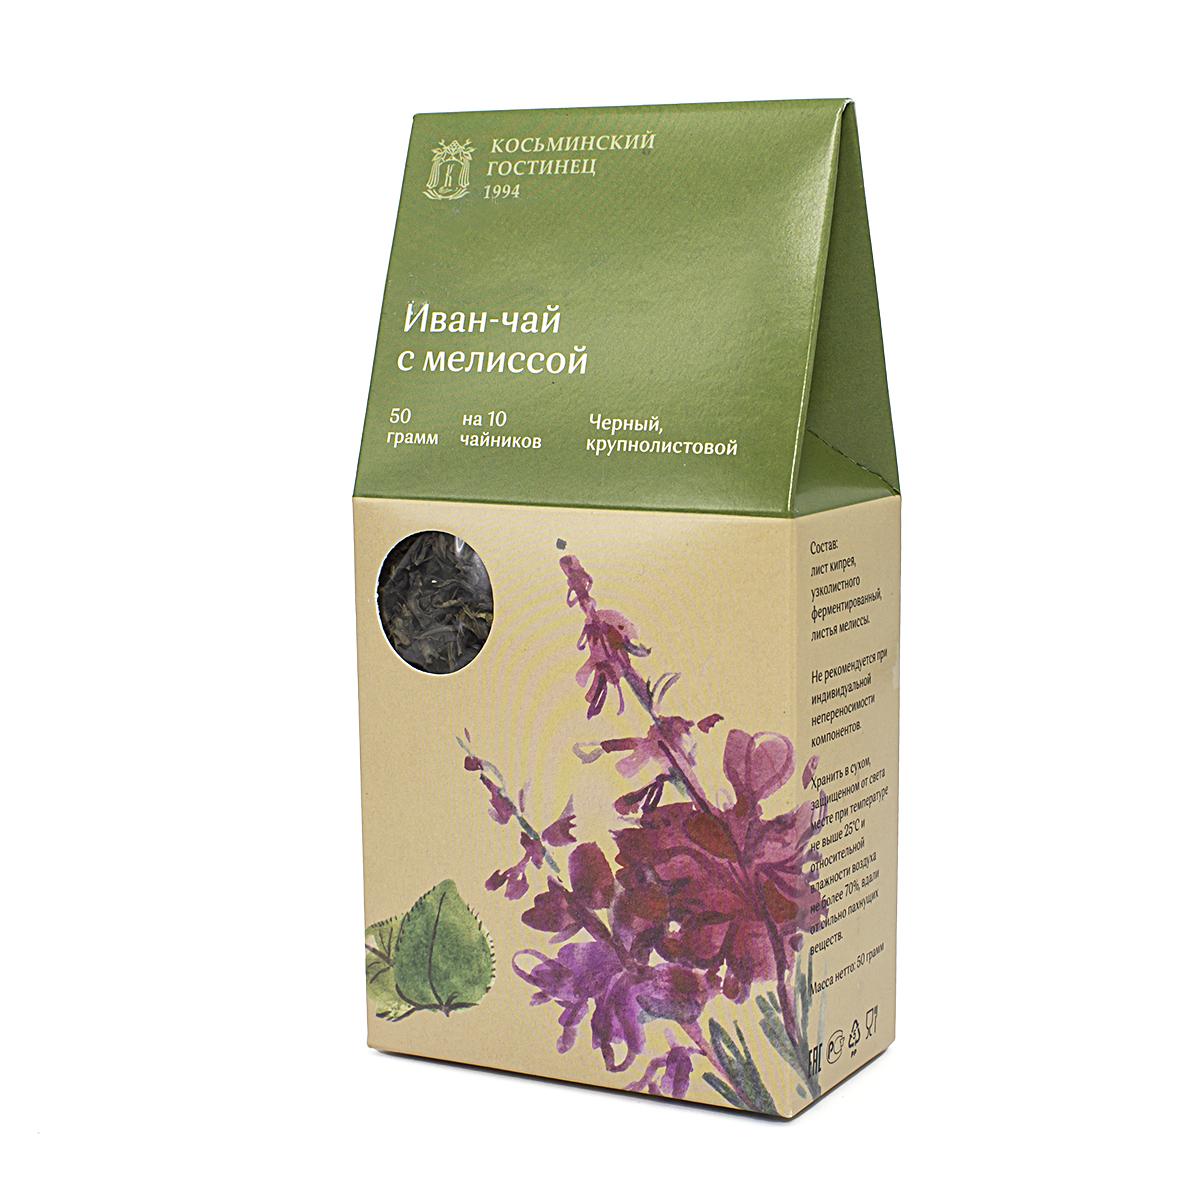 Иван-чай с мелиссой, 50 г дикоросы мелиссы трава 35 г